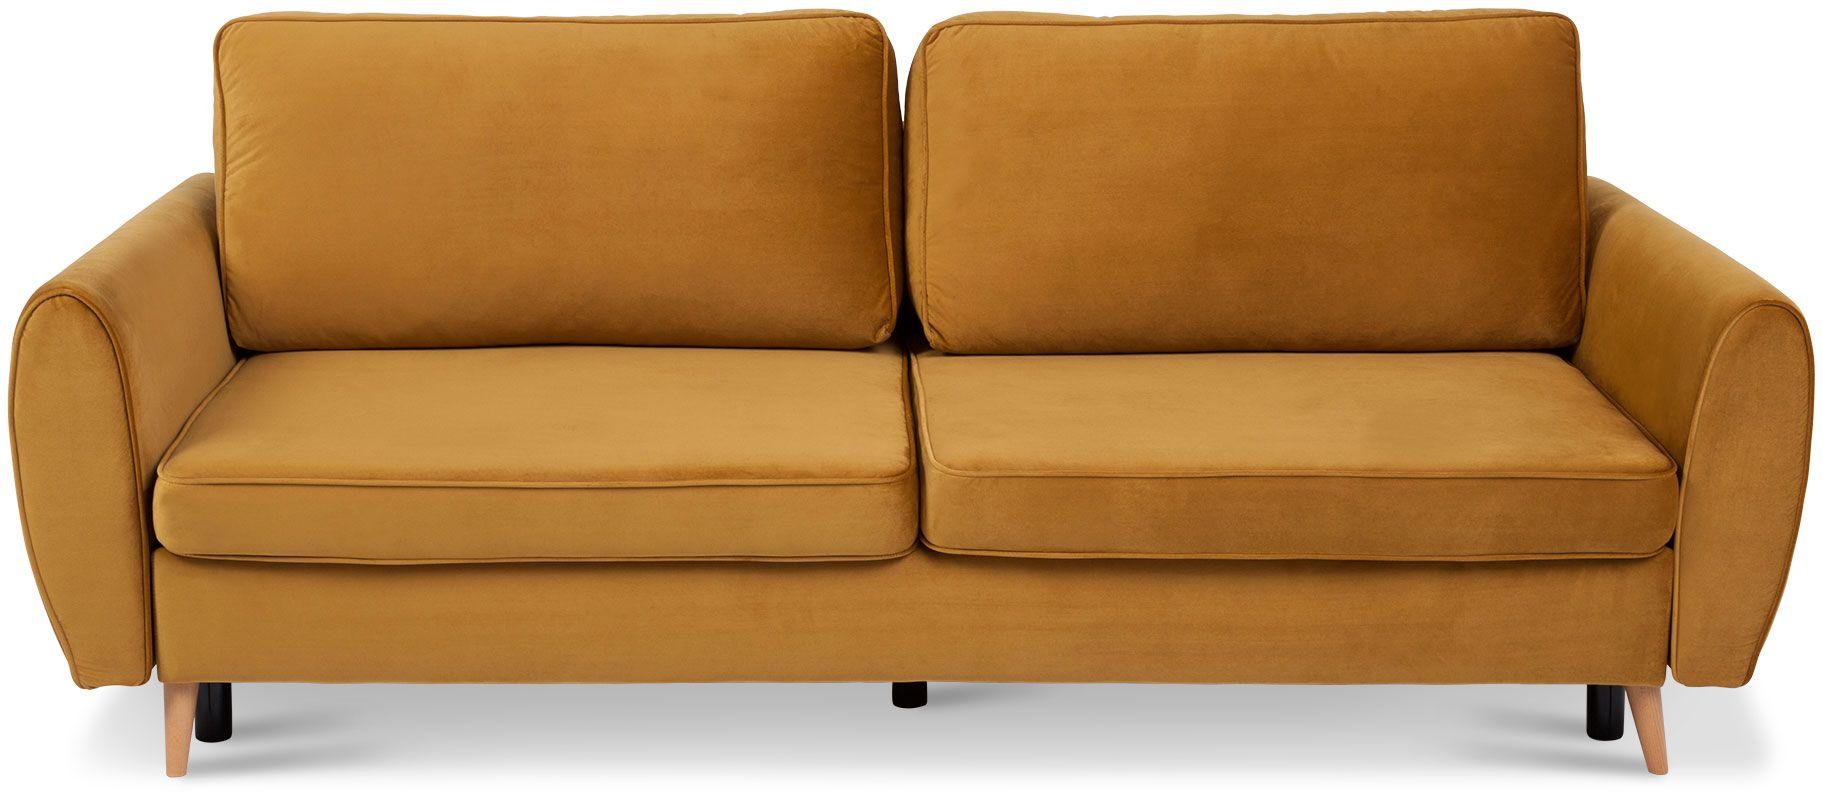 sofa kirsten velutto 8 2